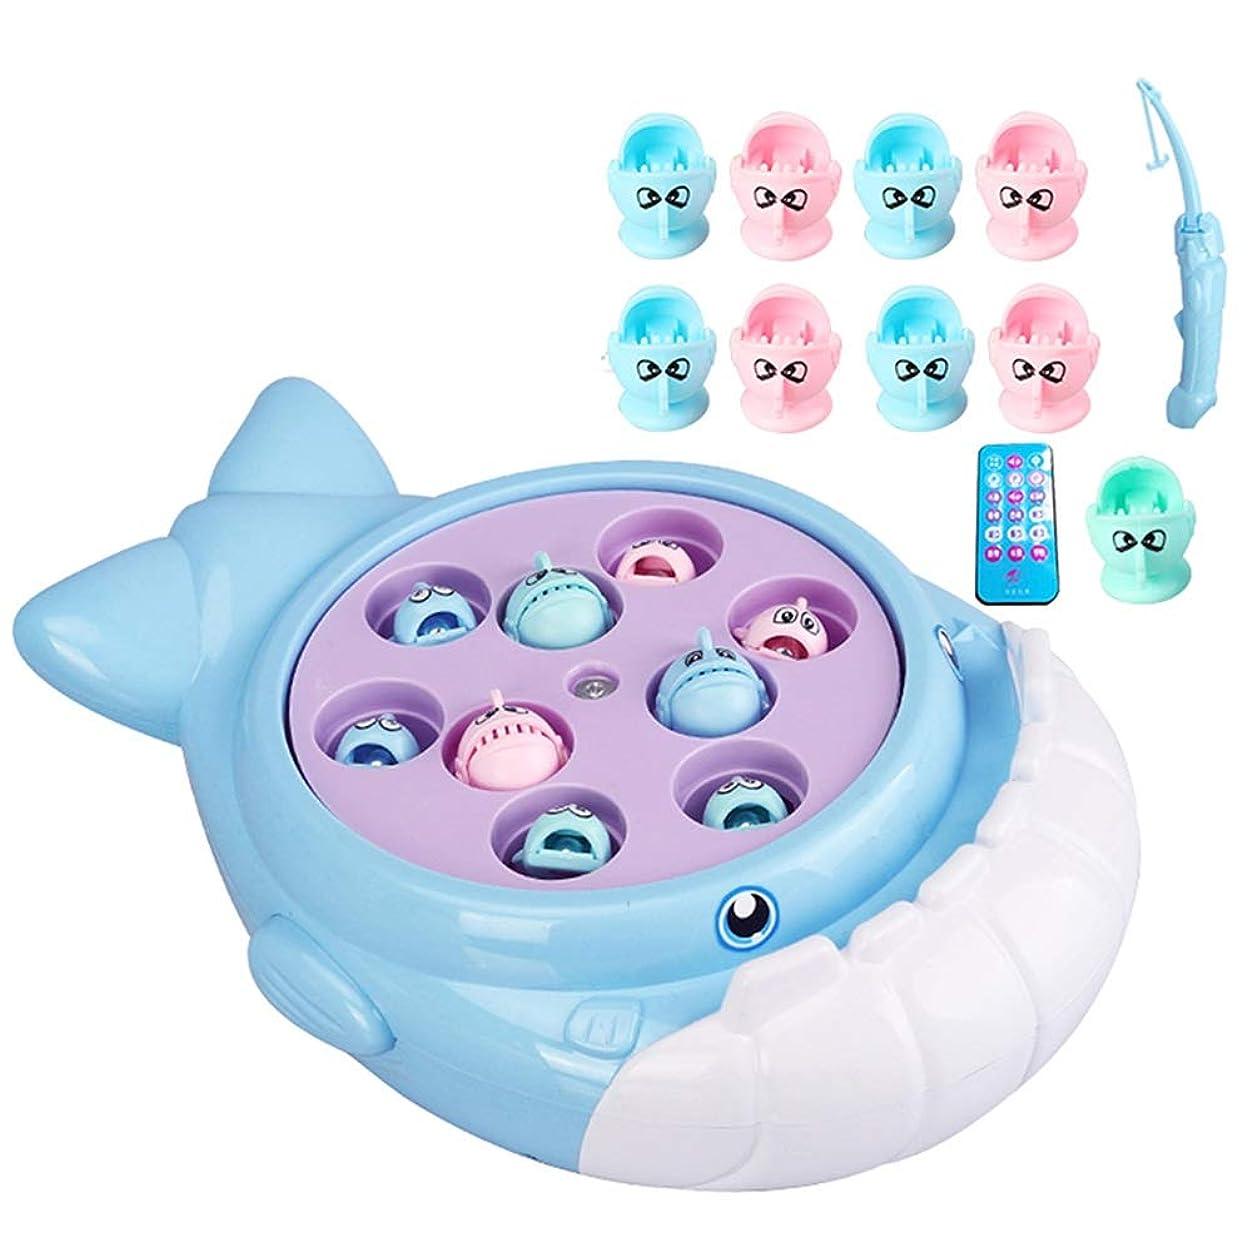 更新実り多い離れてXyanzi 子どもおもちゃ 子供用釣り玩具、単層回転ボード付き釣りゲーム玩具セットには、9個の魚と1個の釣り竿が含まれています(電池は含まれていません) (Color : A)